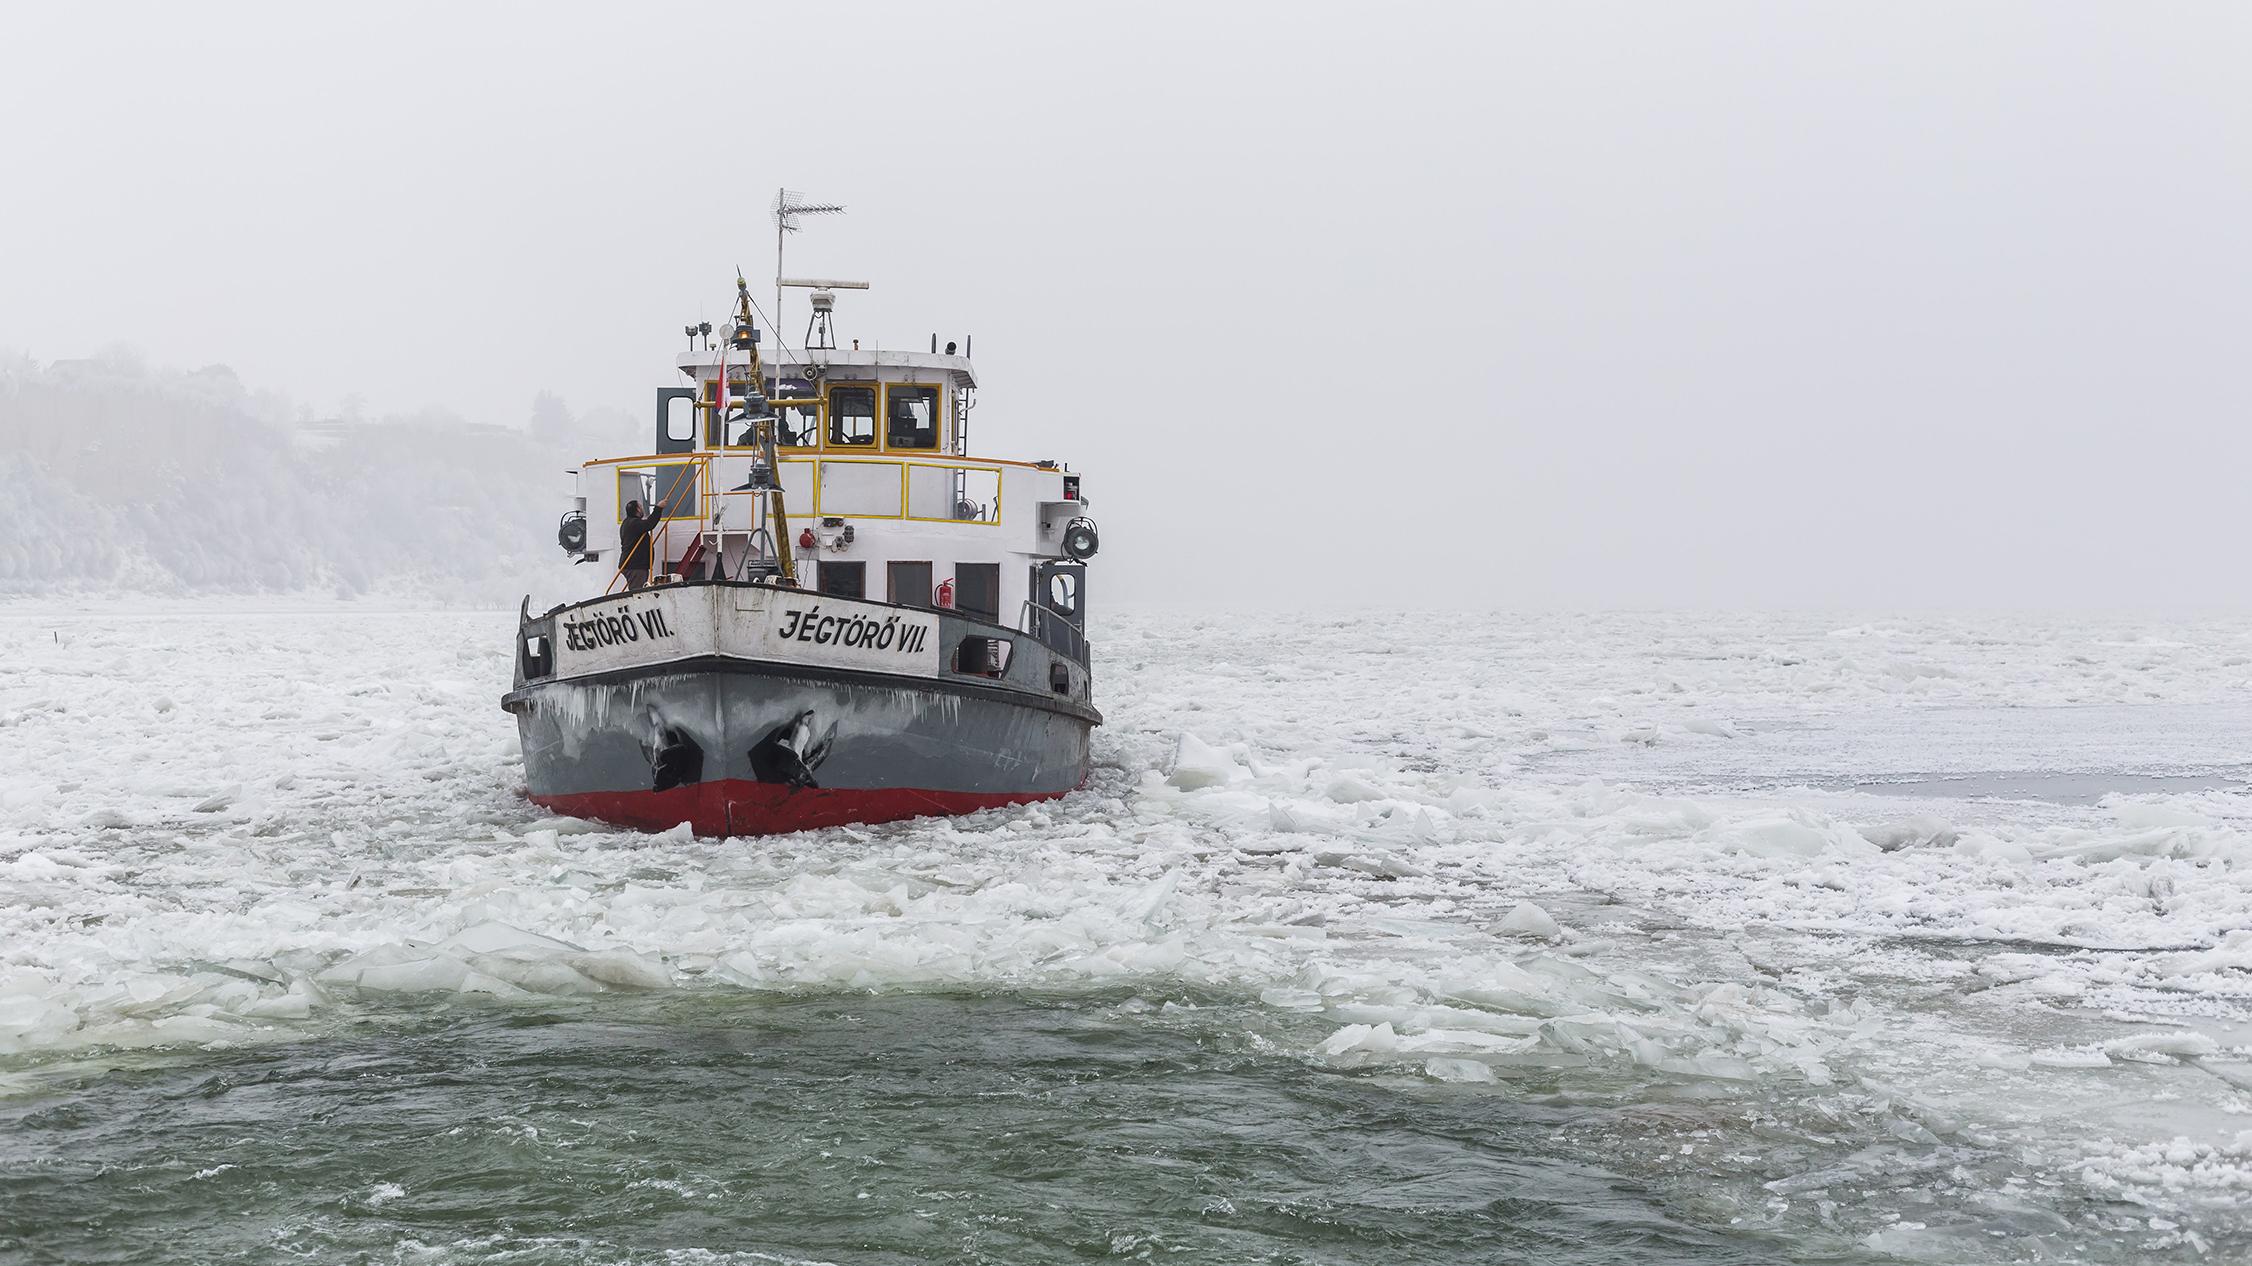 jégtörő tevékenység beszéljünk a horgászatról